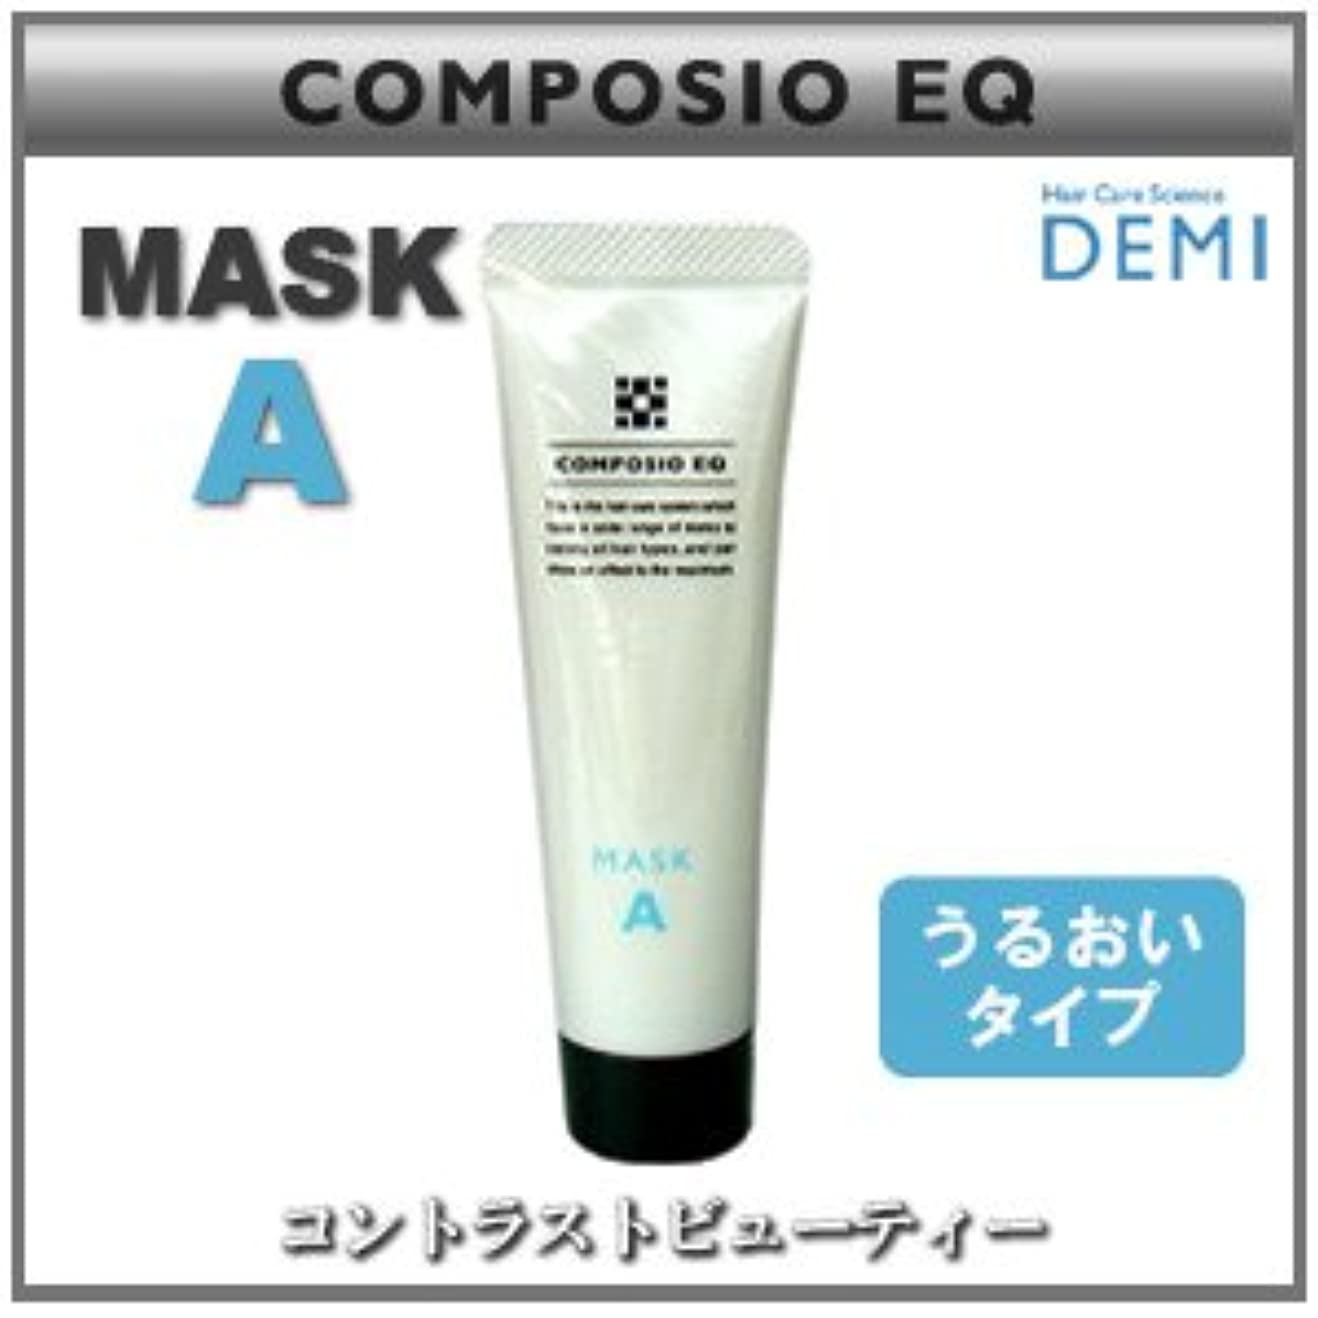 掃除掃除装置【X5個セット】 デミ コンポジオ EQ マスク A 50g